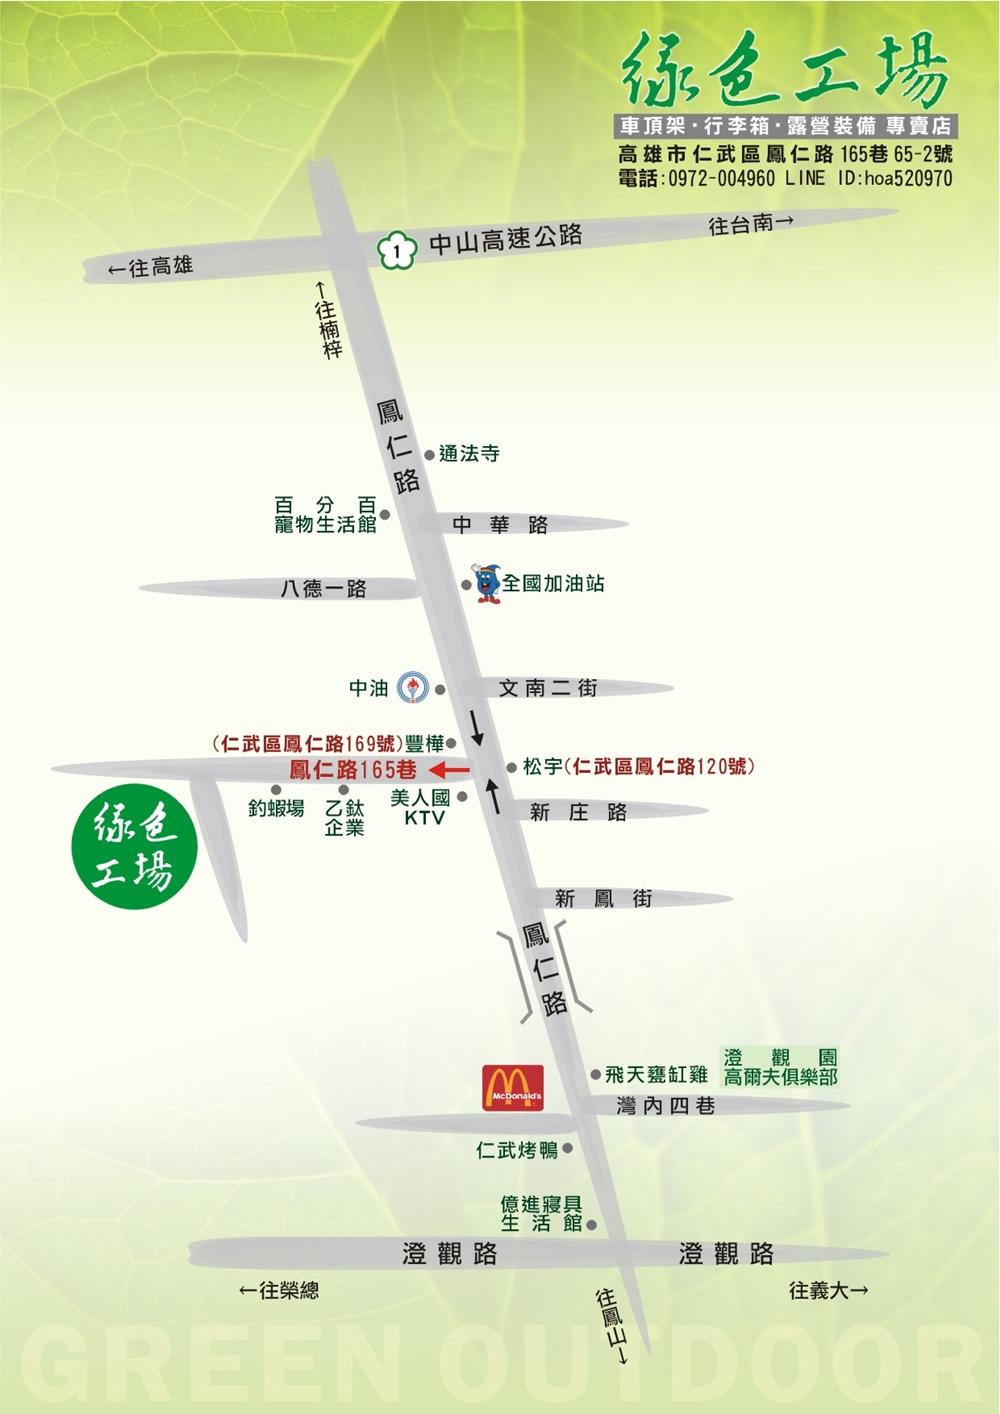 店址地圖含電話-ok-1